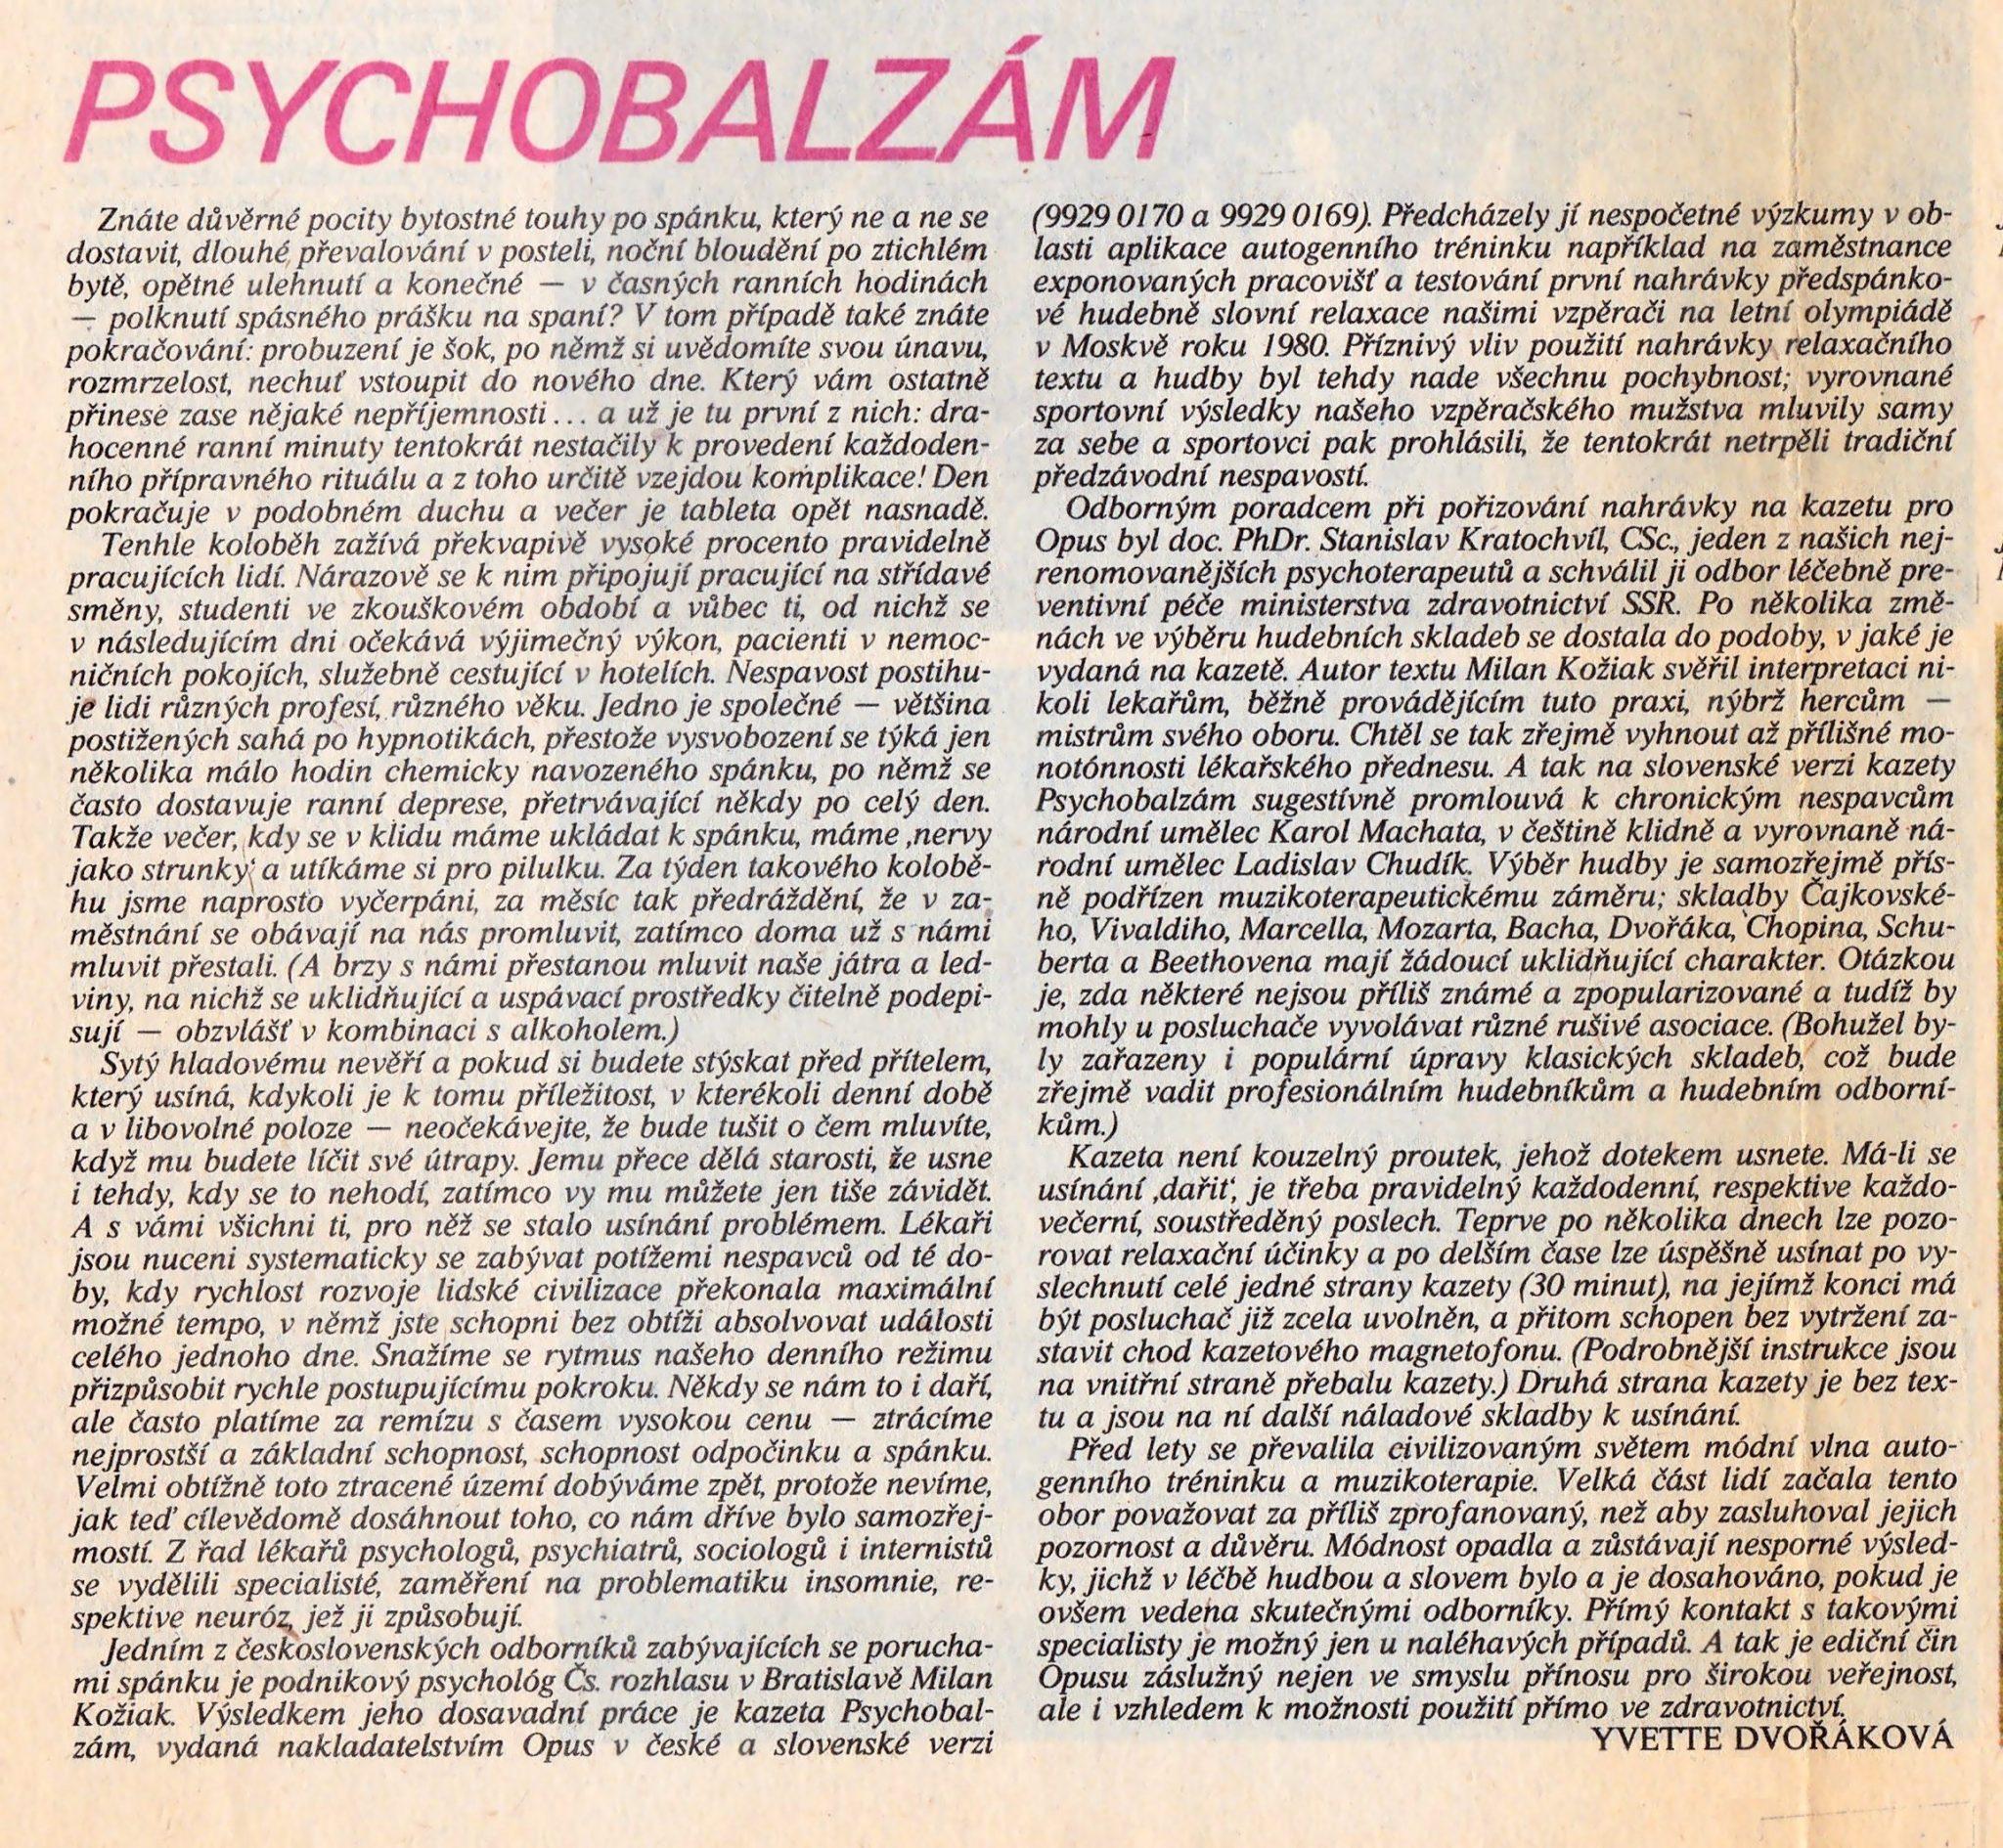 Recenzia GRAMOREVUE, č. 8, 1984, Yvette Dvořáková